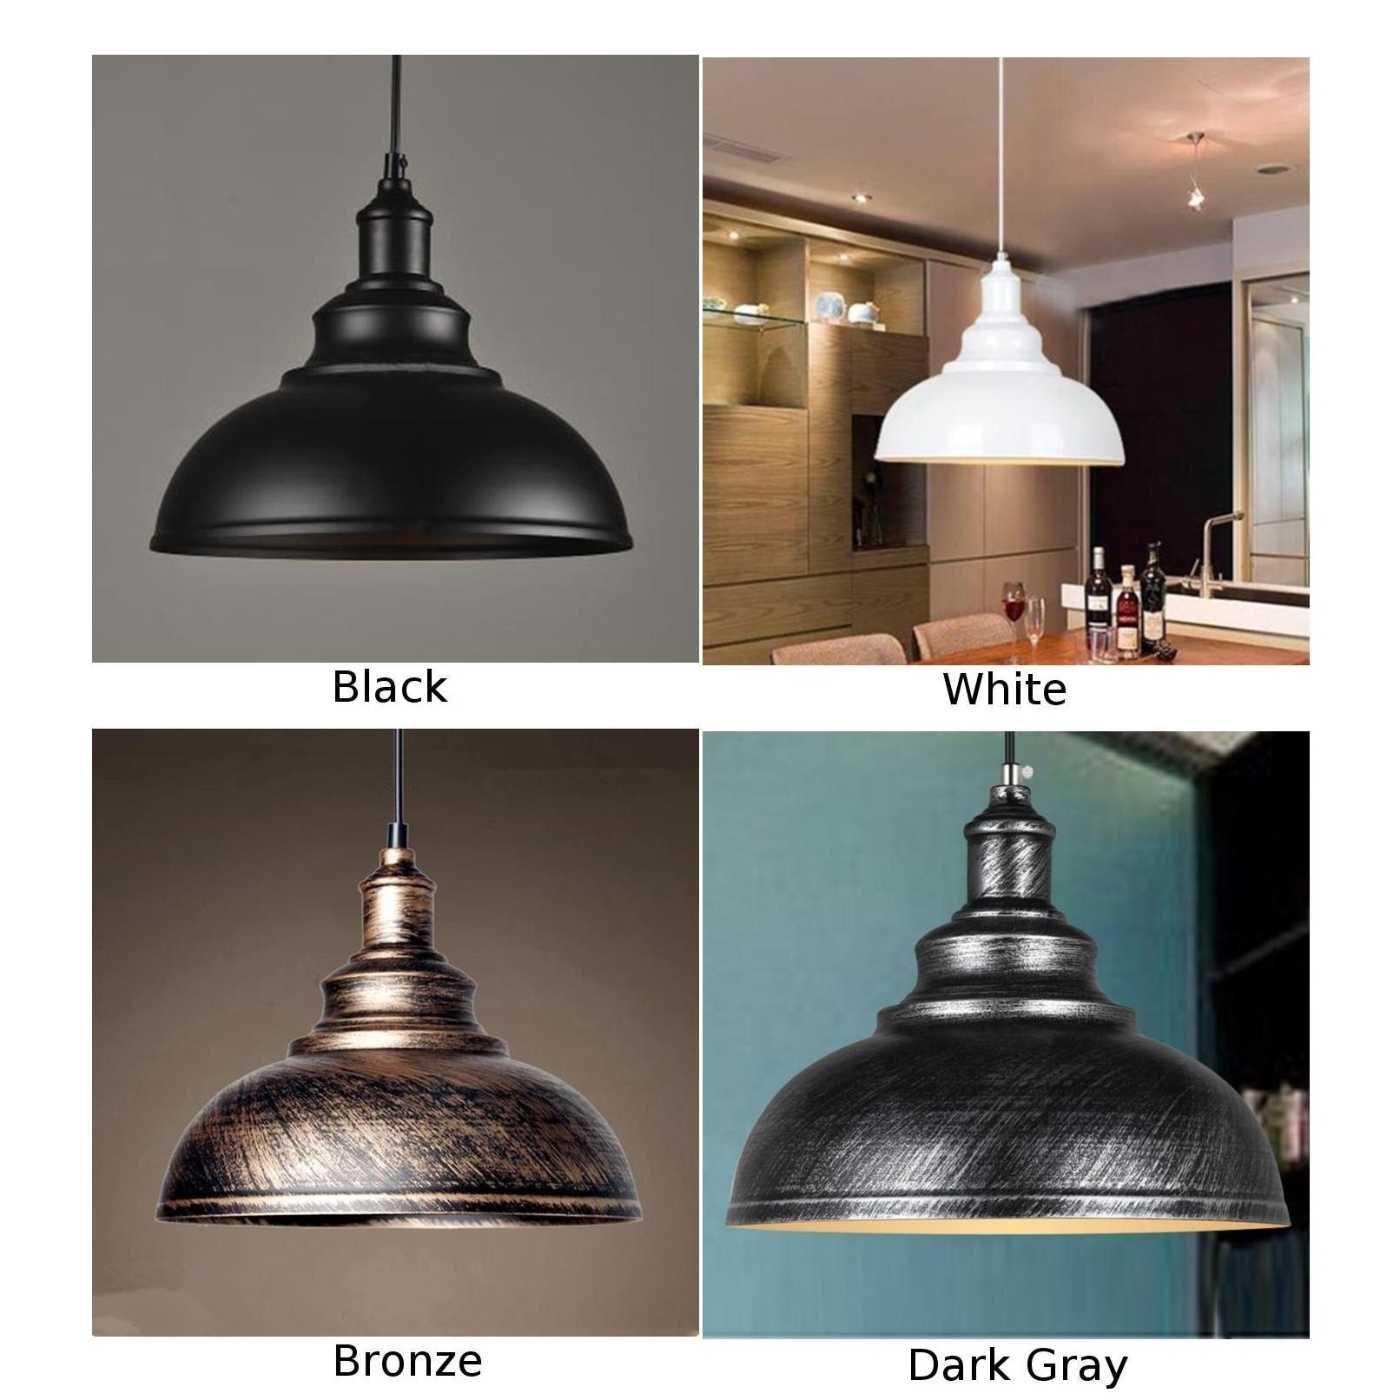 Винтажная промышленная Деревяная Подвесная лампа тени для кухни Лофт подвесной потолочный светильник новый и высококачественный